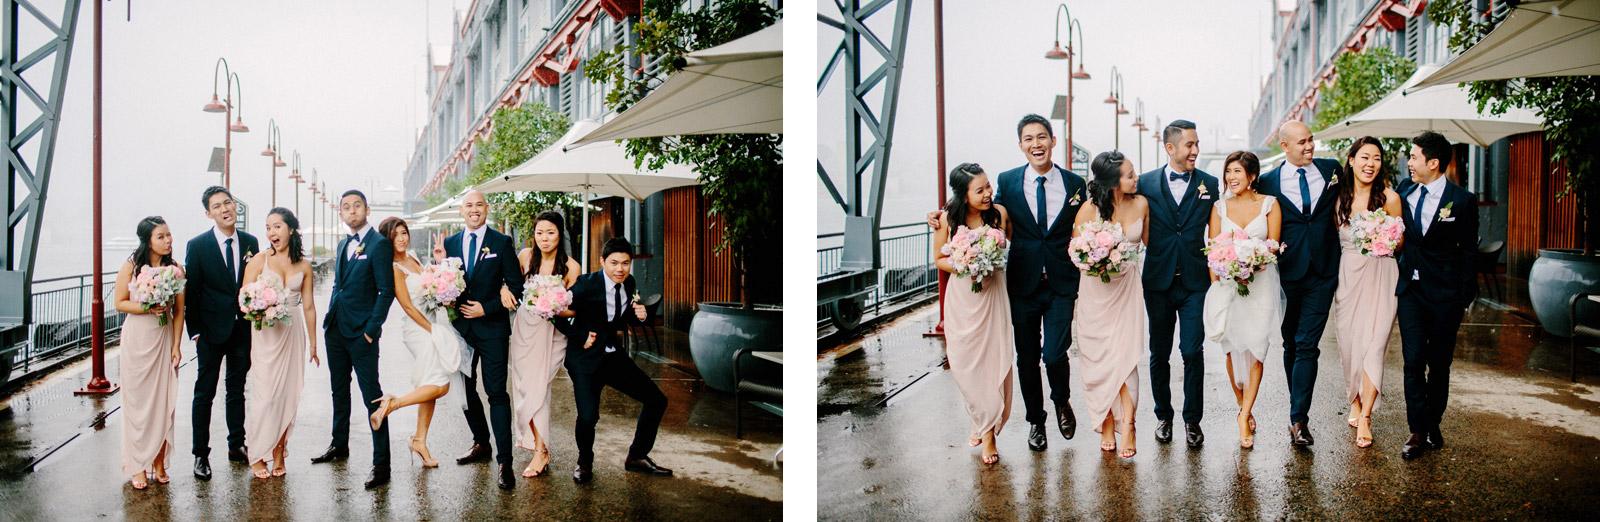 wedding-sonia-kev-086